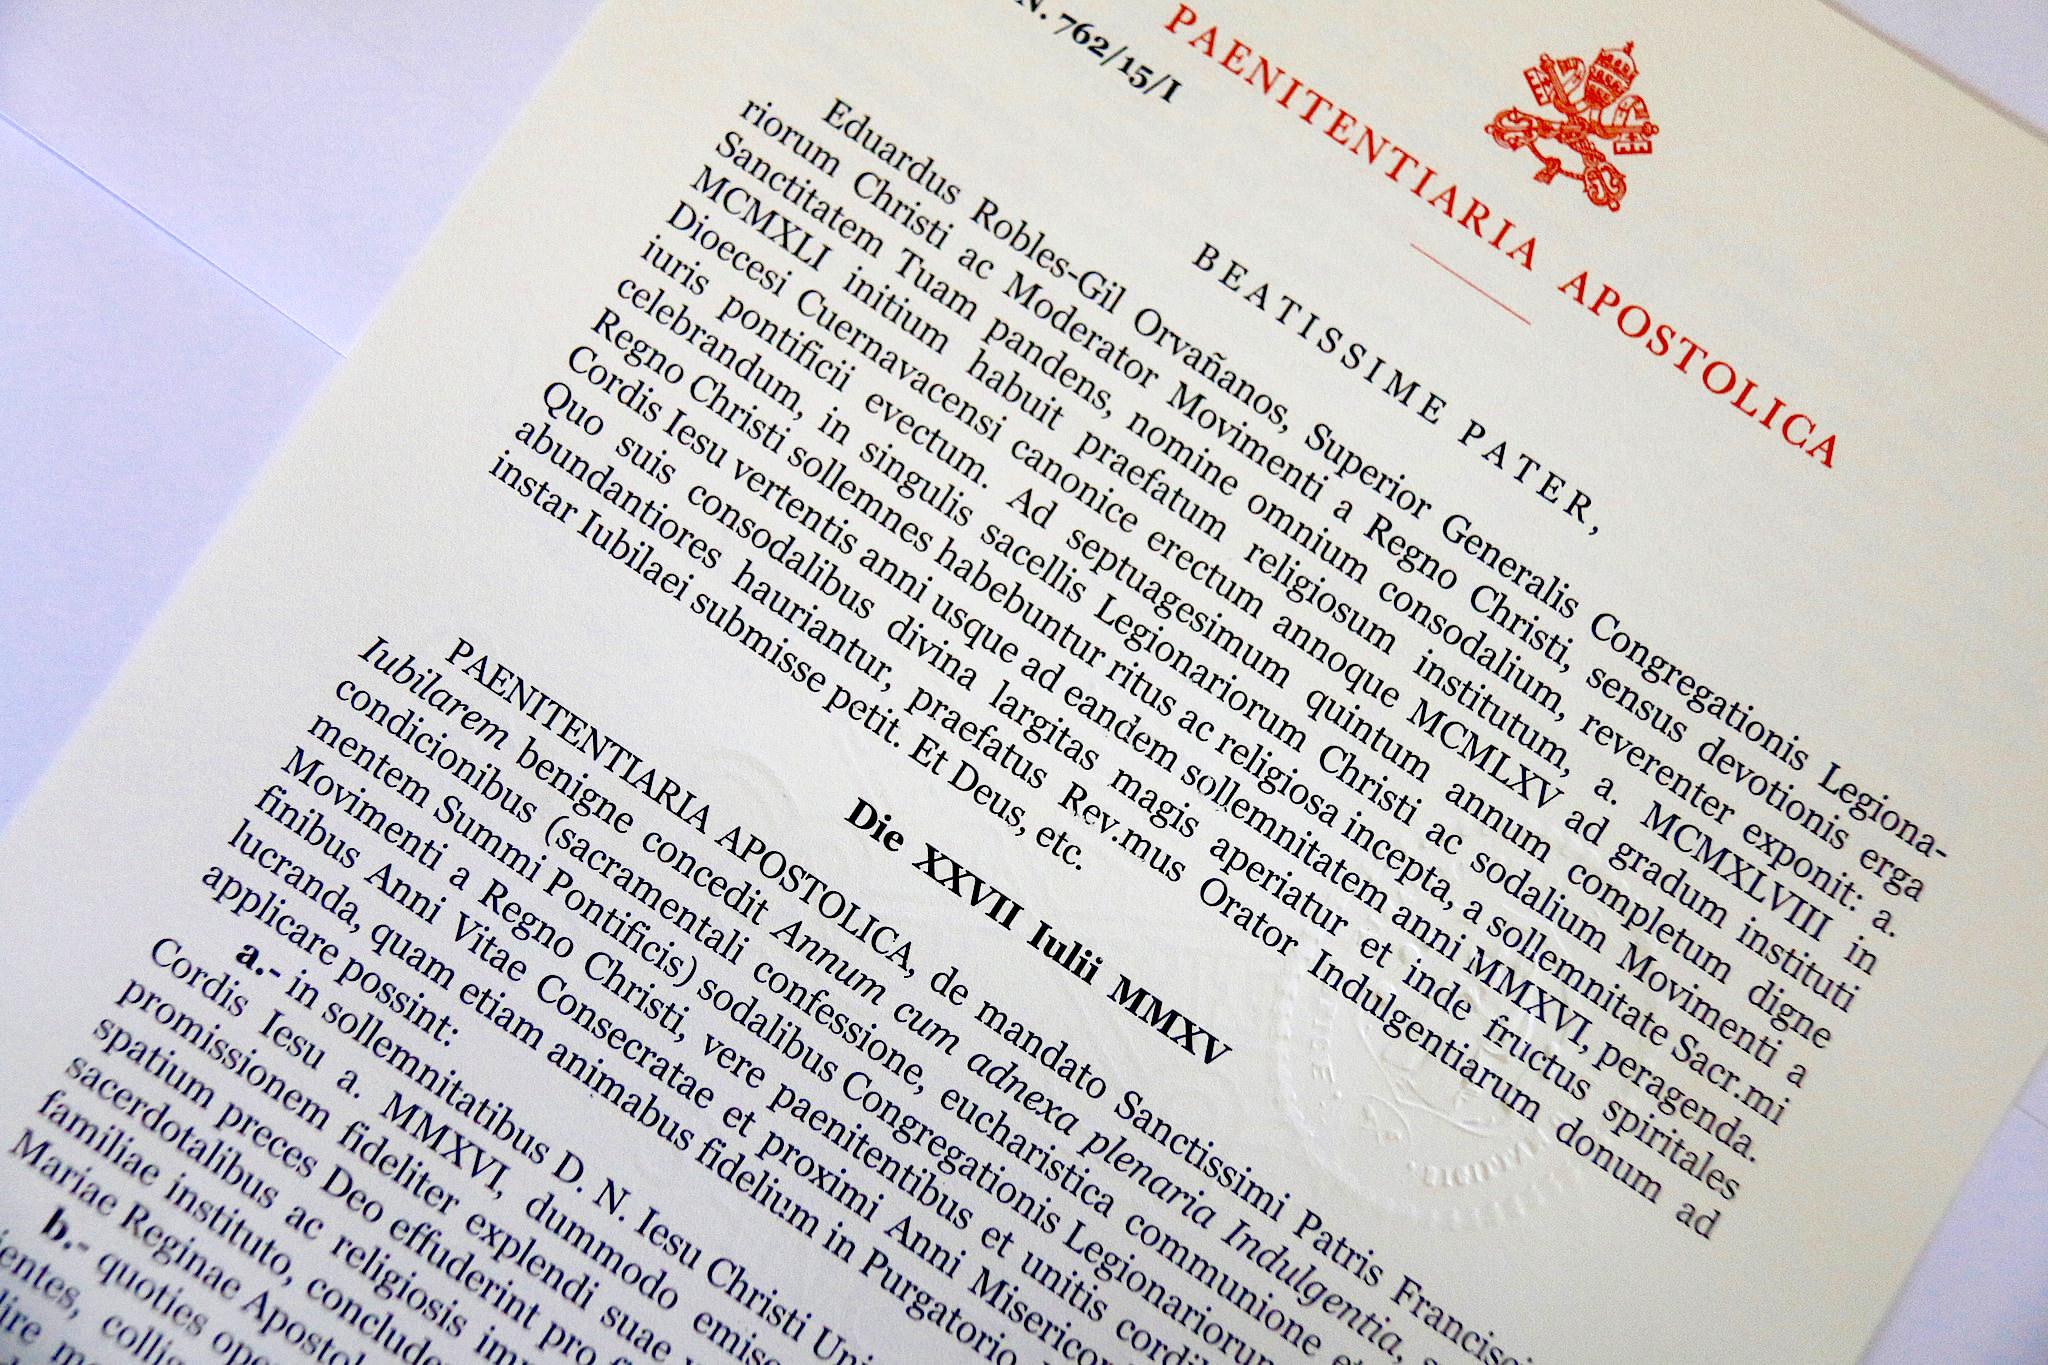 Indulgenze Plenarie Calendario.Il Papa Concede L Indulgenza Plenaria Ai Legionari Di Cristo